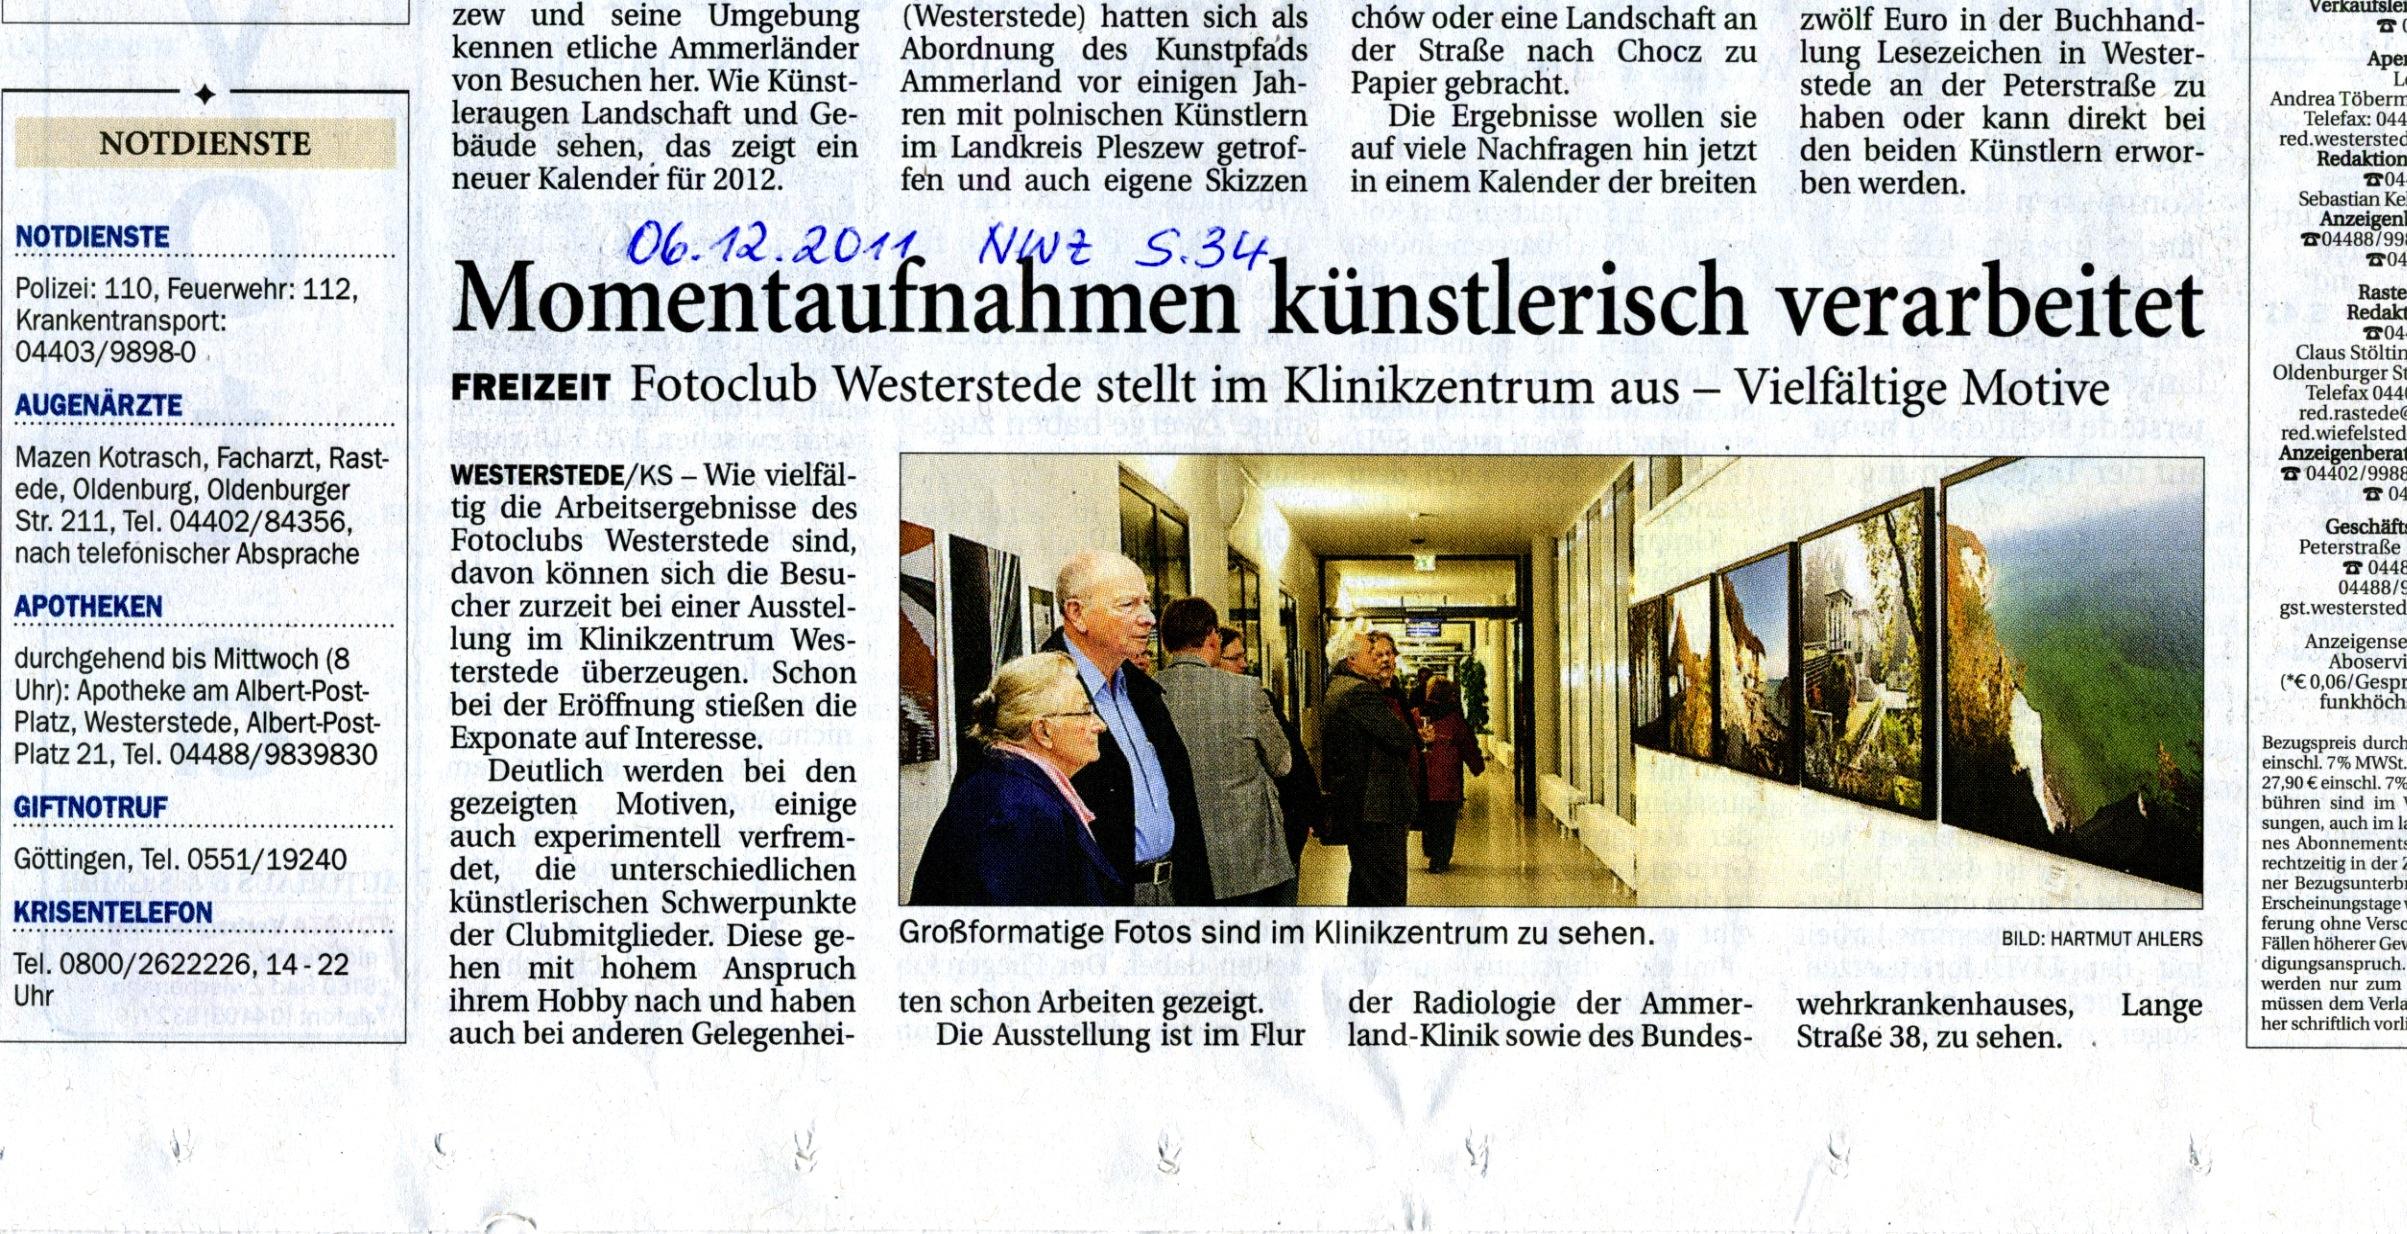 25.November 2011 - Ausstellung / Vernissage Klinikzentrum WST